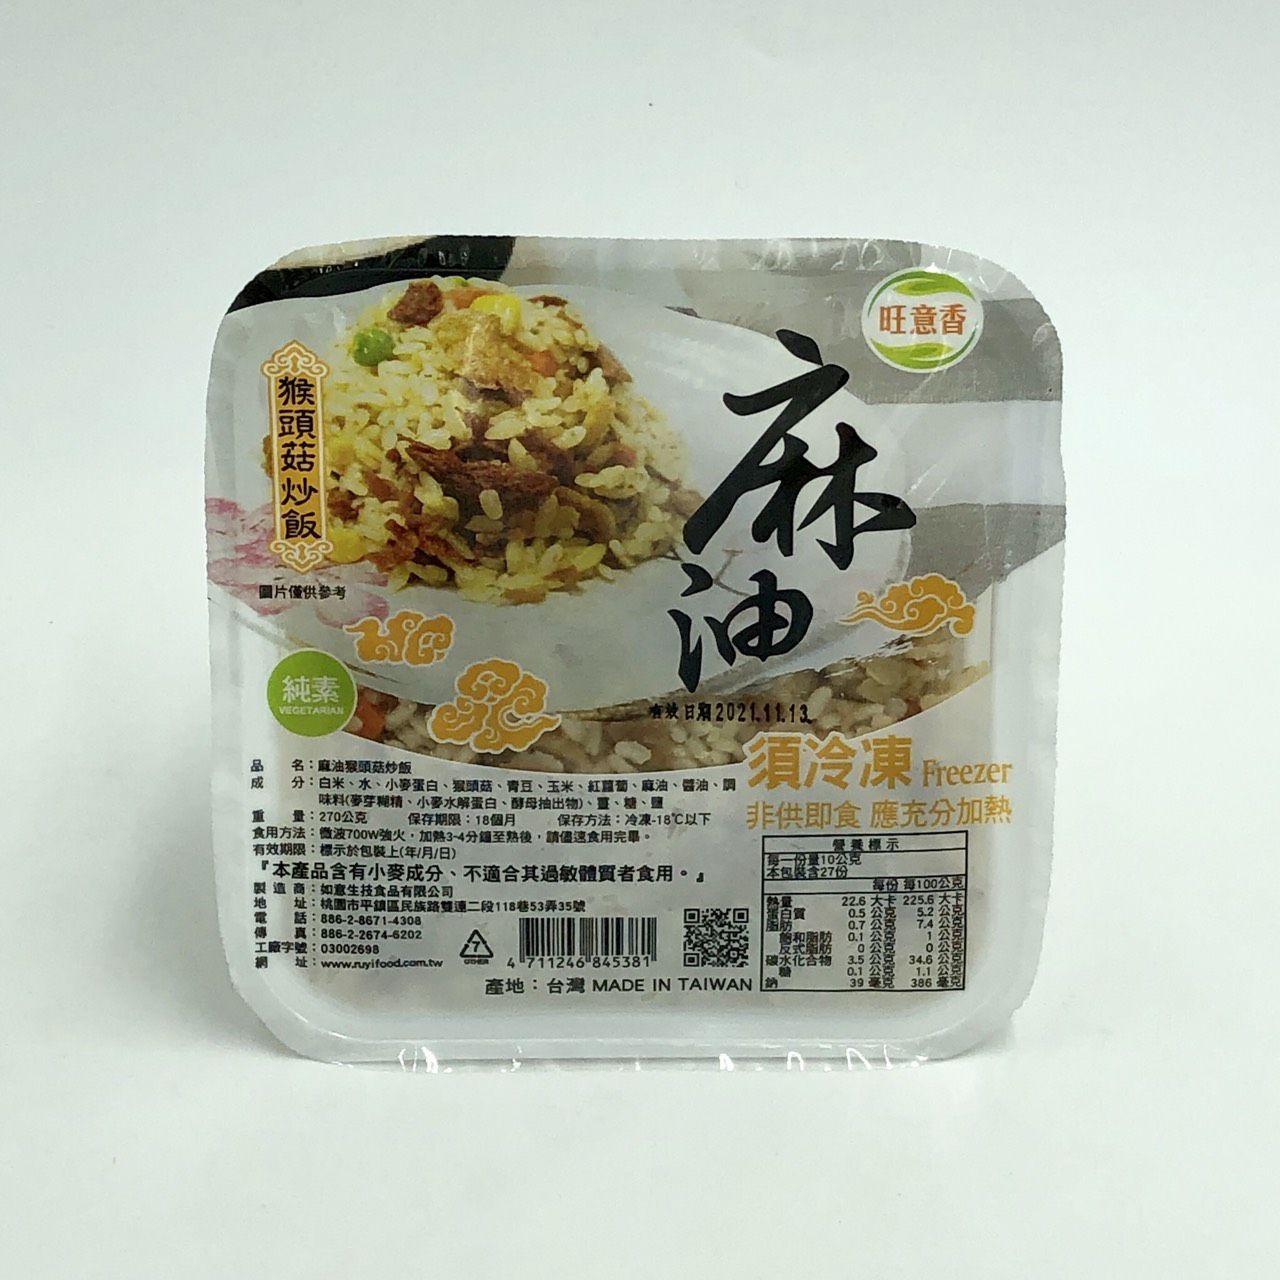 (旺意香)麻油猴頭菇炒飯270g(全素)